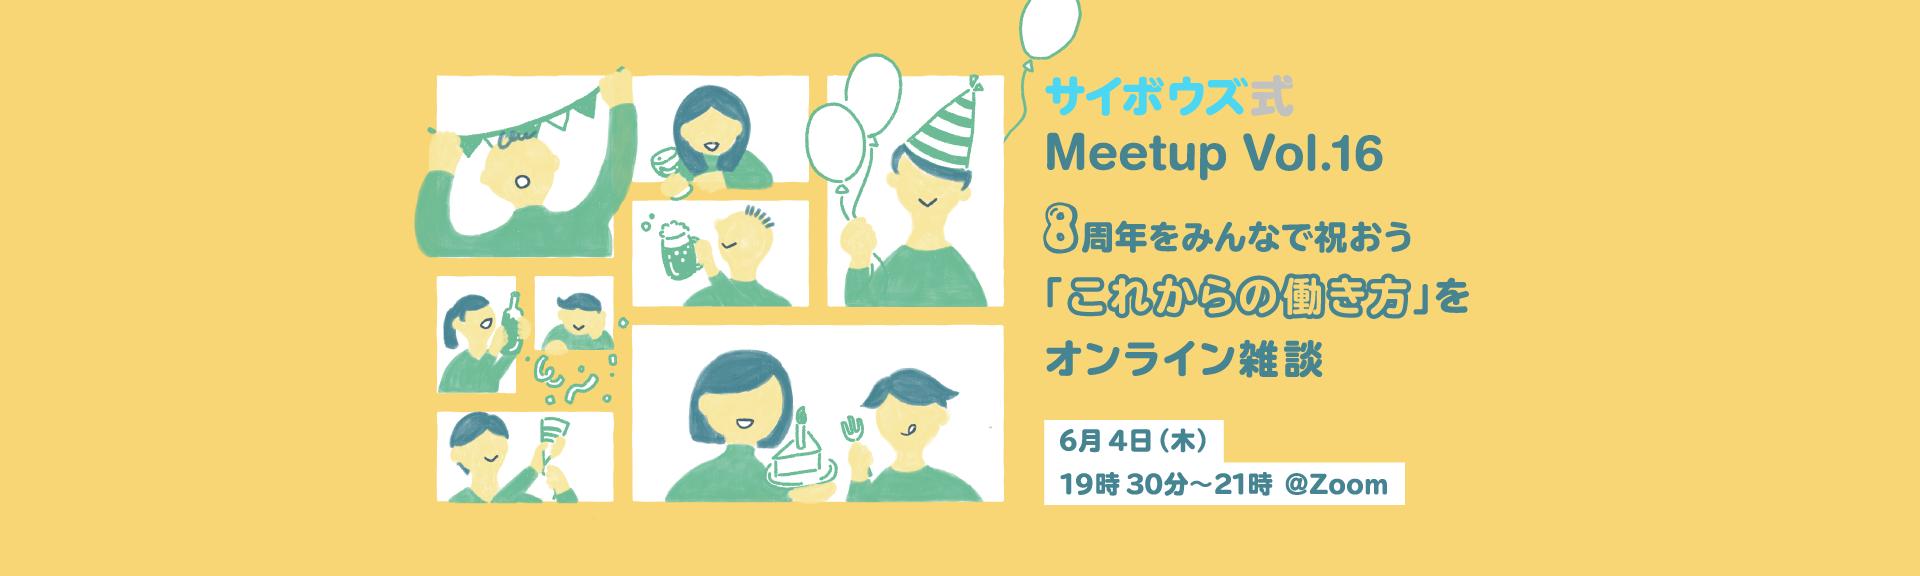 サイボウズ式Meetup vol.16